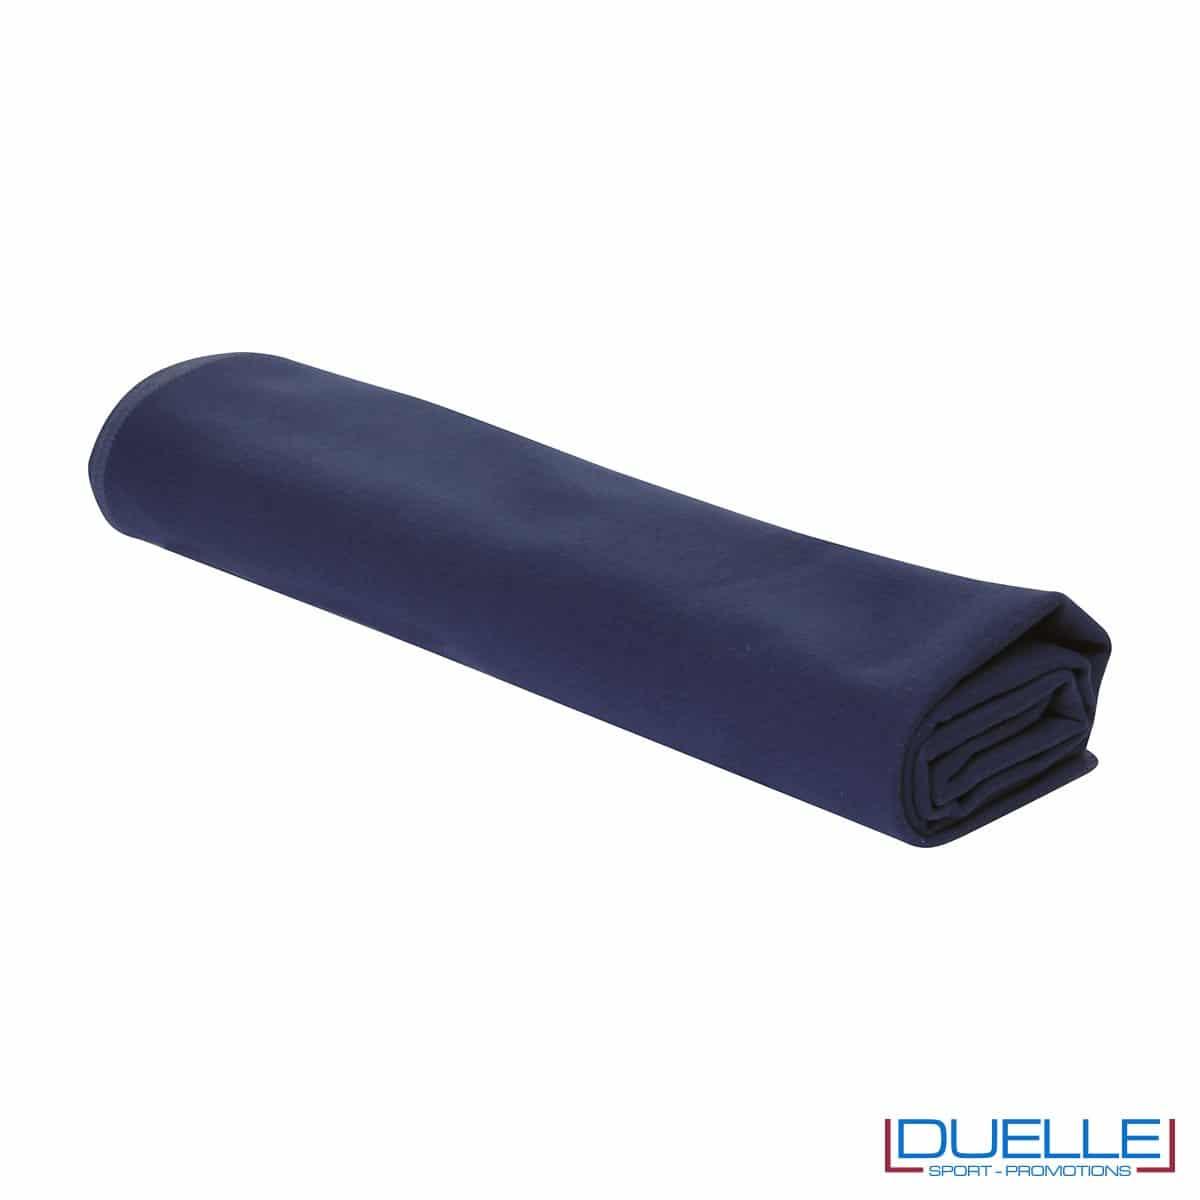 asciugamano personalizzato in microfibra colore BLU NAVY da palestra e centro fitness da personalizzare con stampa a colori o ricamo, gadget sportivi personalizzati